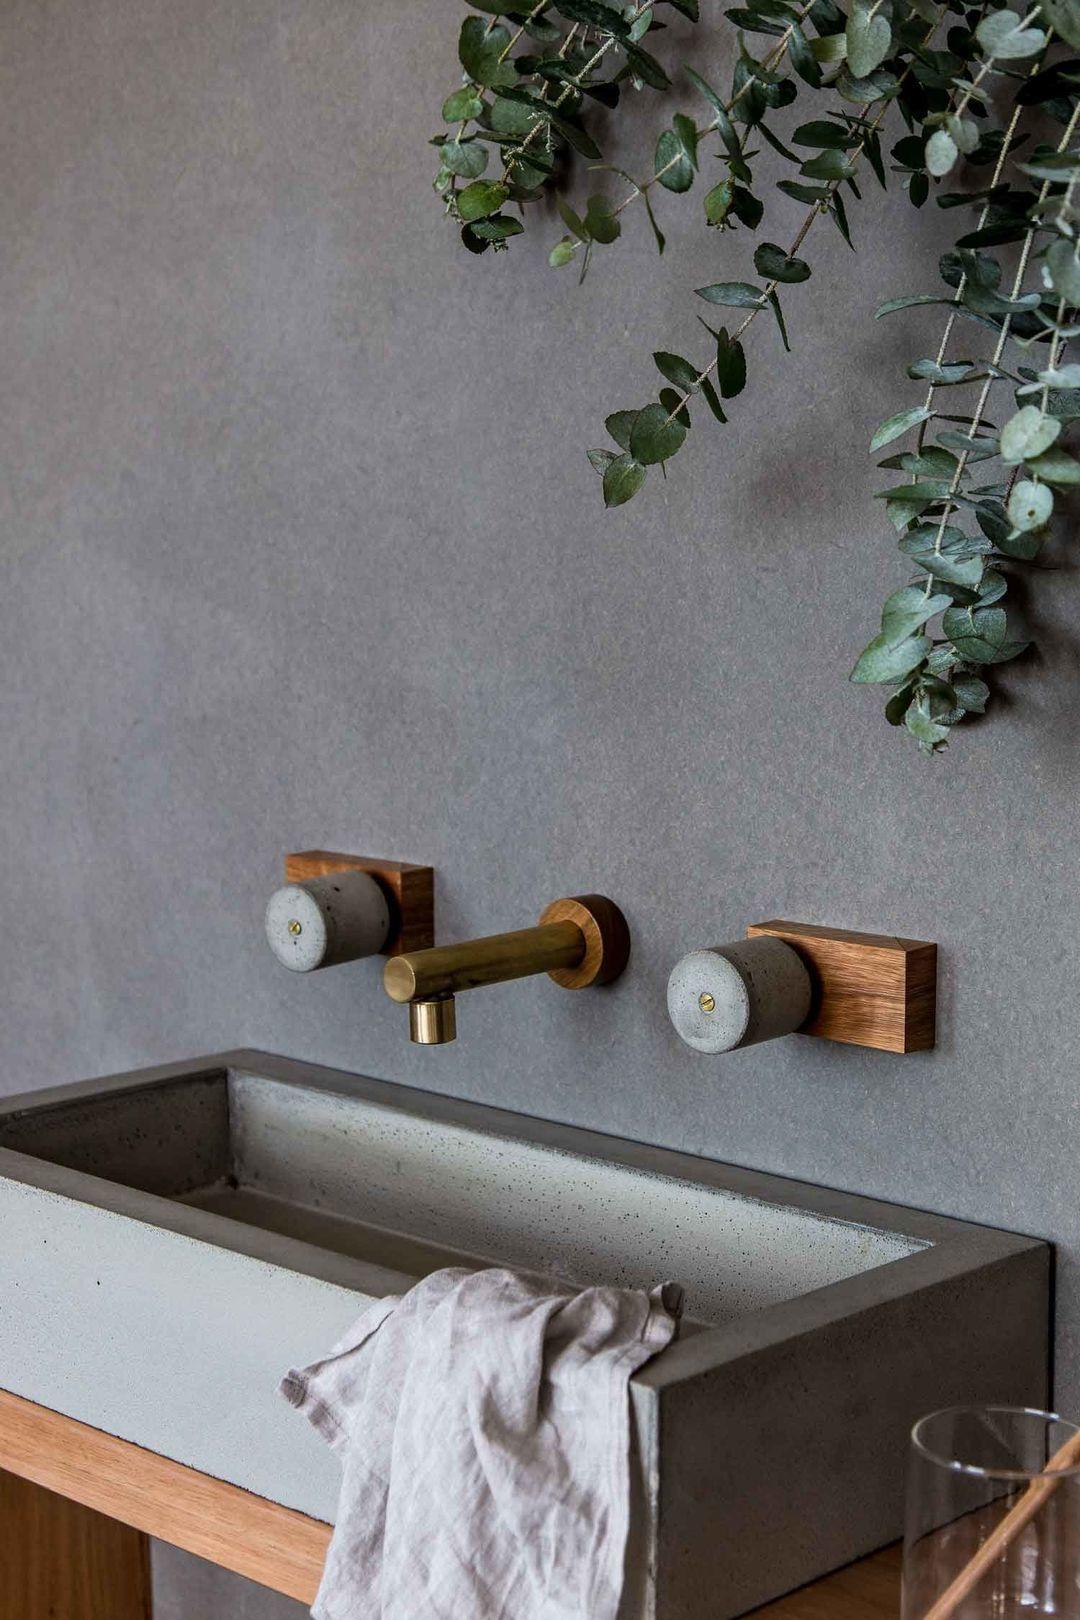 木头、黄铜和混凝土,洗手池也可以温馨一点_设计_好奇心日报